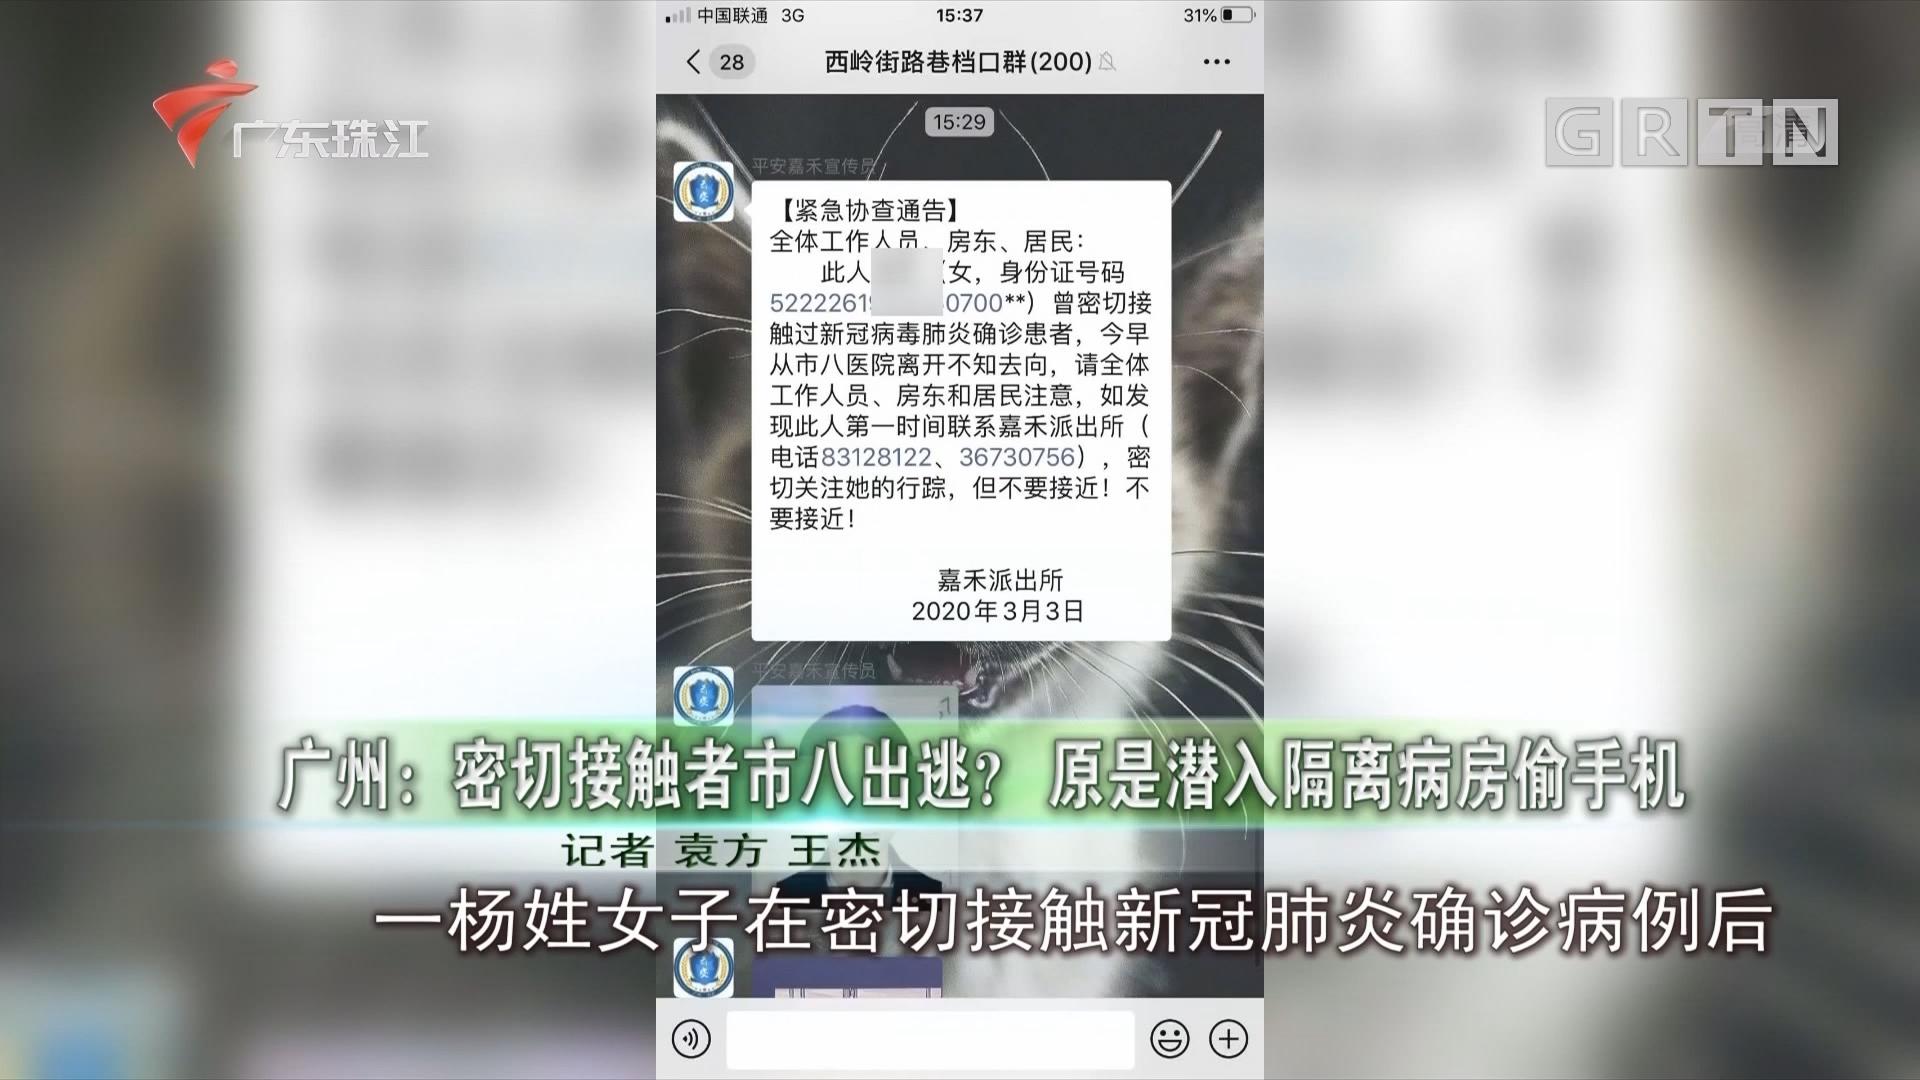 广州:密切接触者市八出逃? 原是潜入隔离病房偷手机